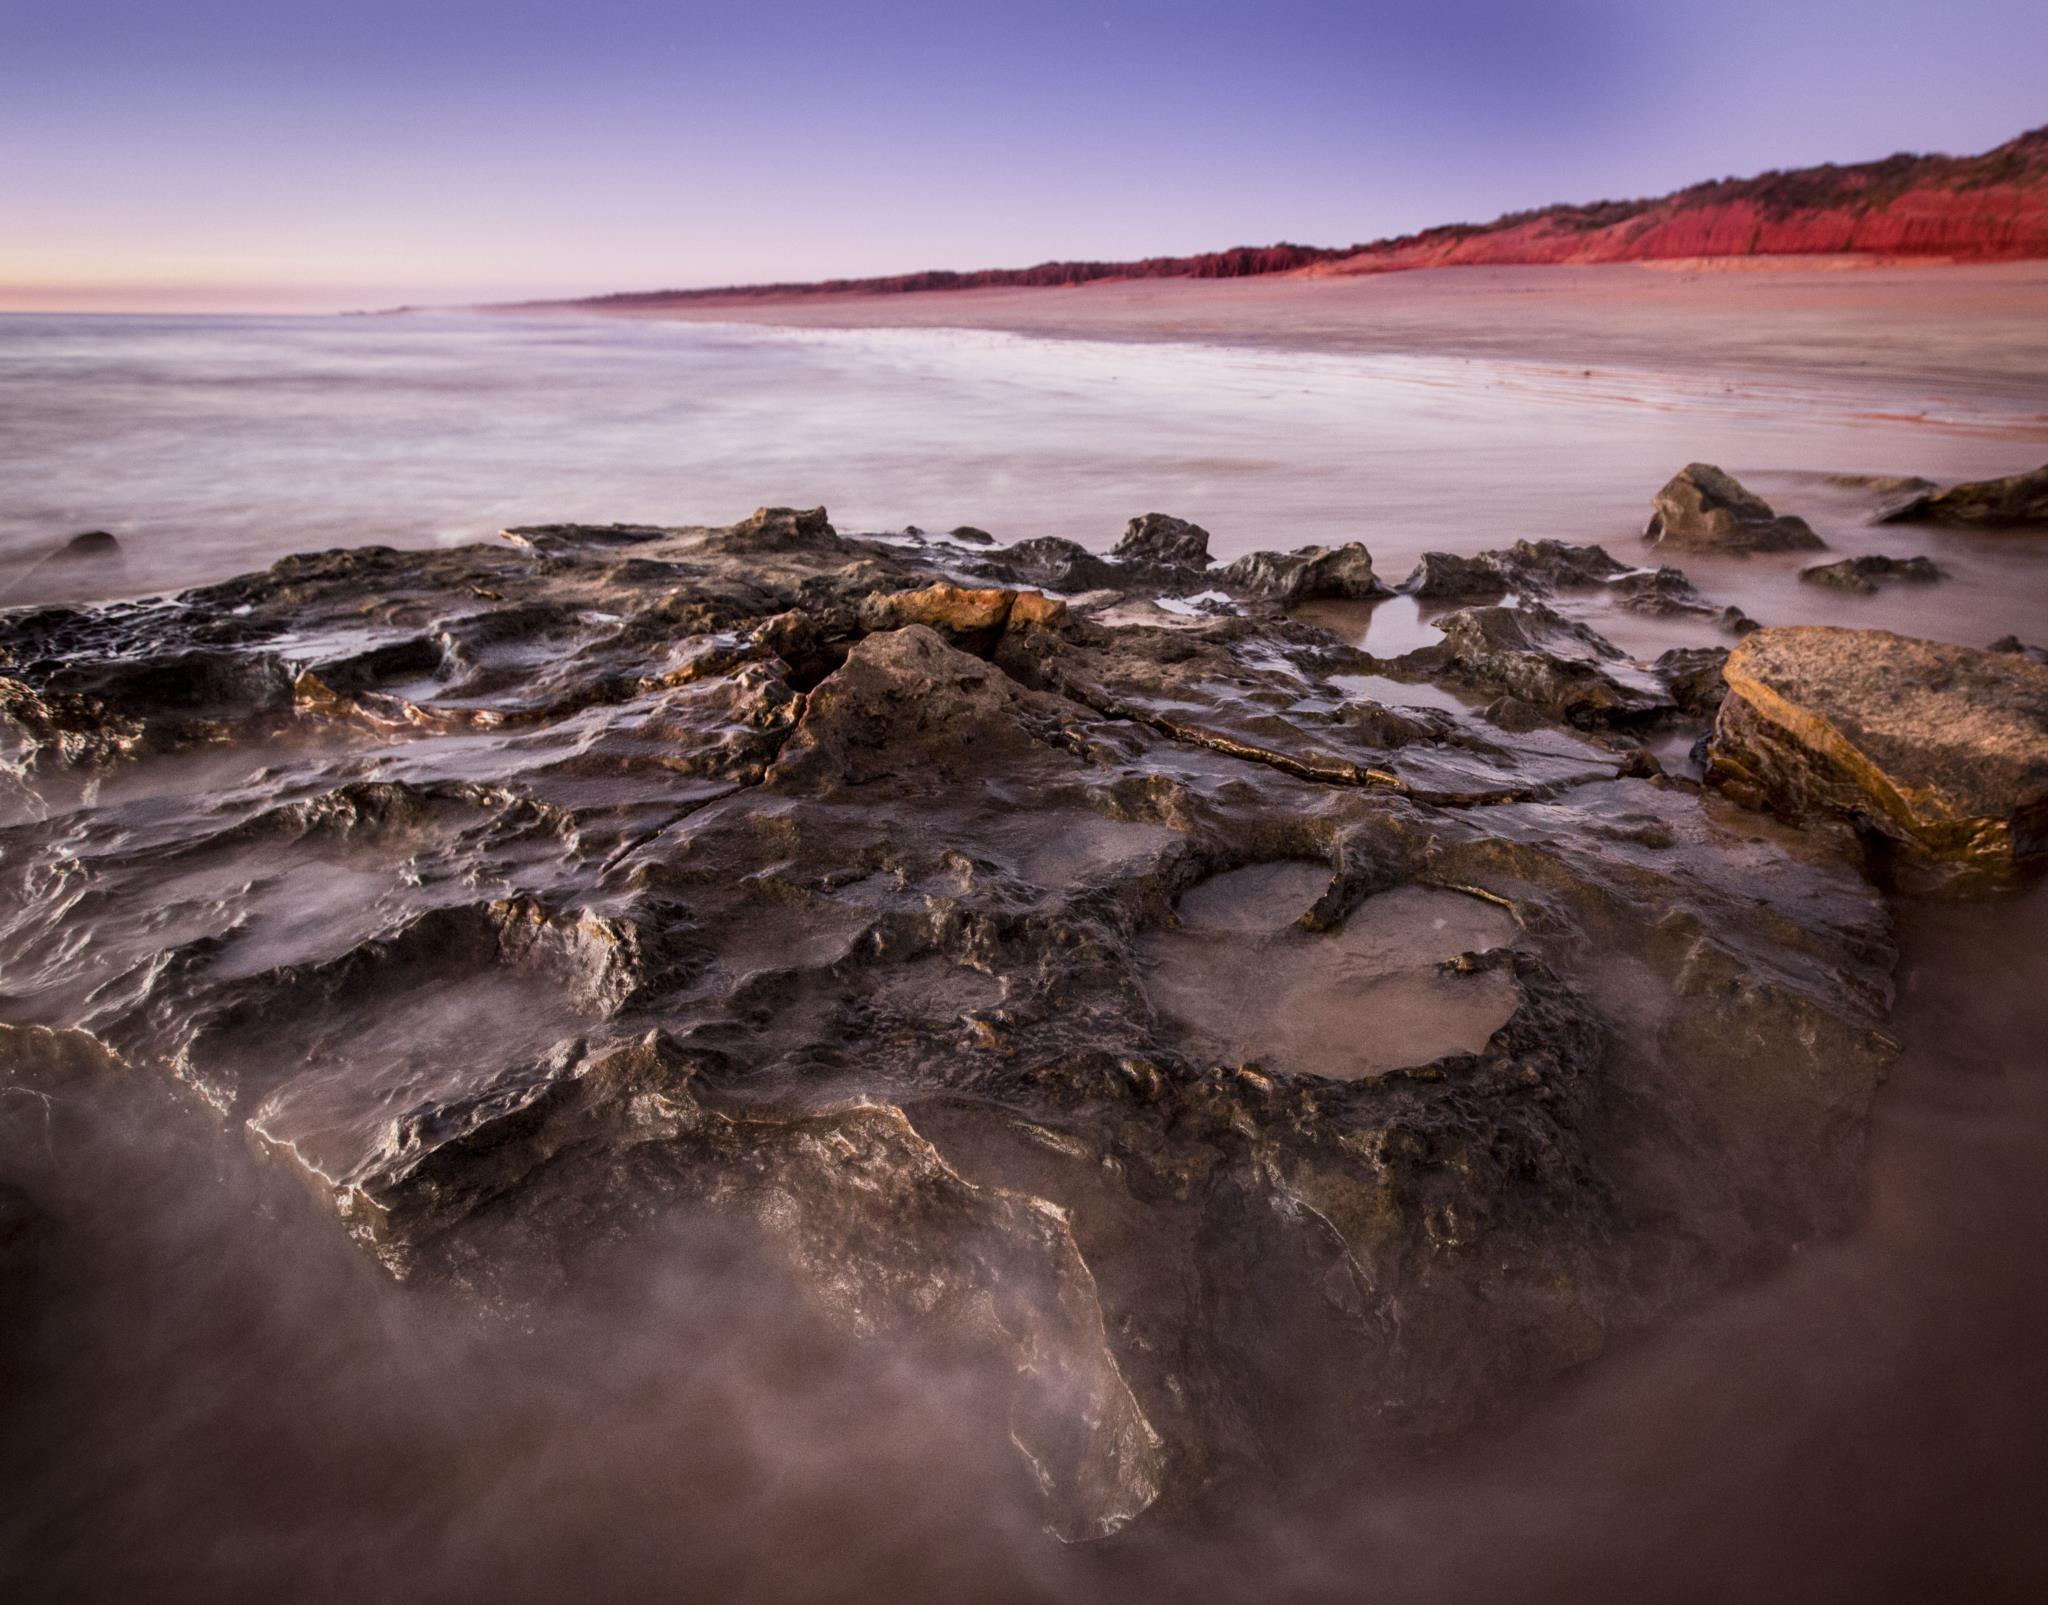 PÚBLICO - Descobertas 150 pegadas de 21 espécies de dinossauros na Austrália